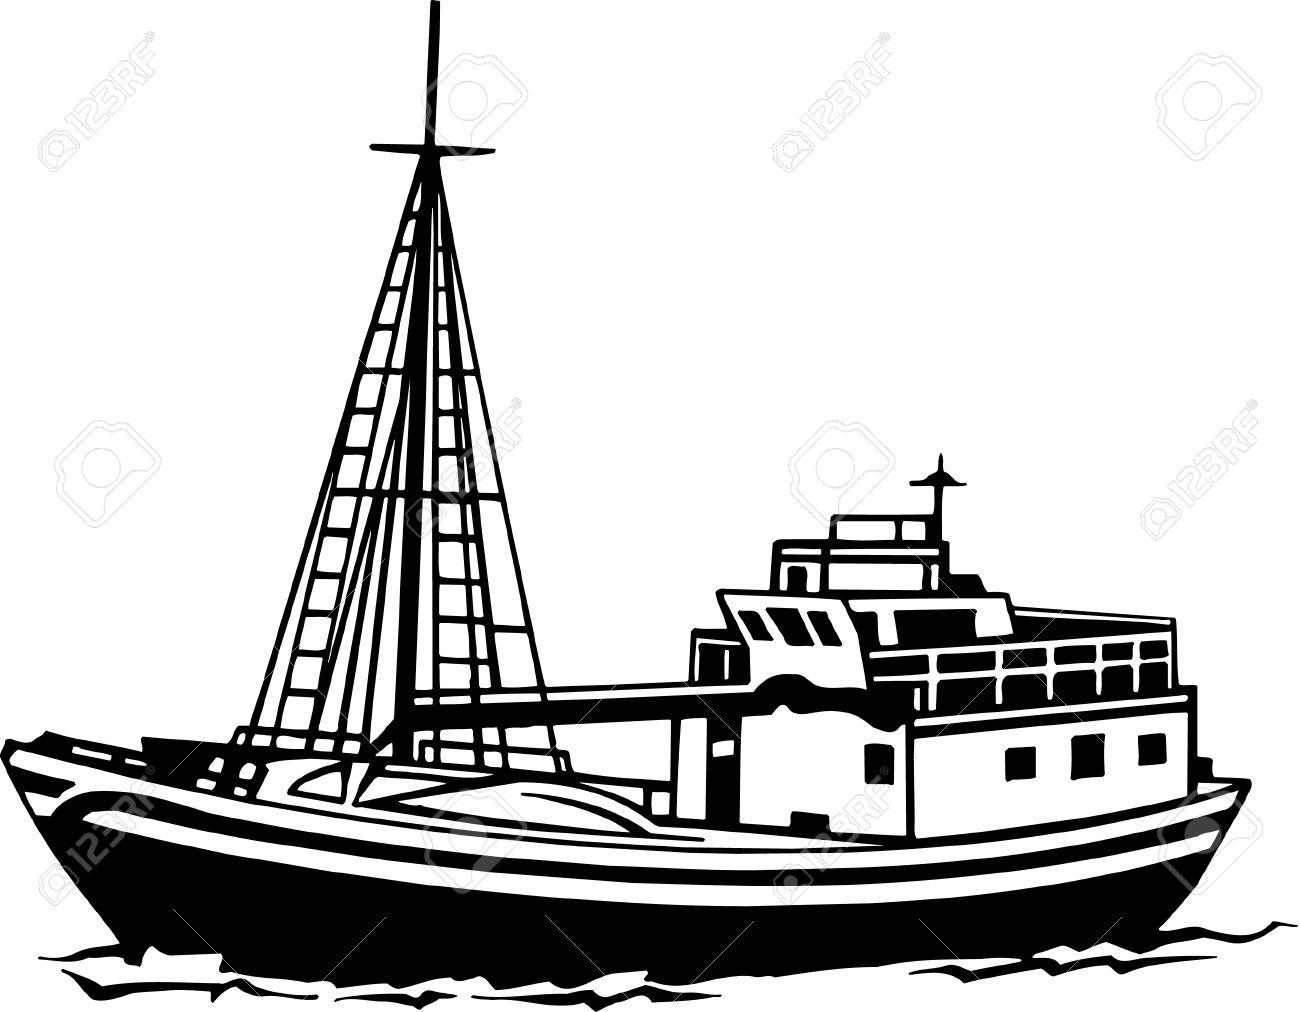 Fishing Boat: Fishing Trawler .-fishing boat: Fishing Trawler .-14